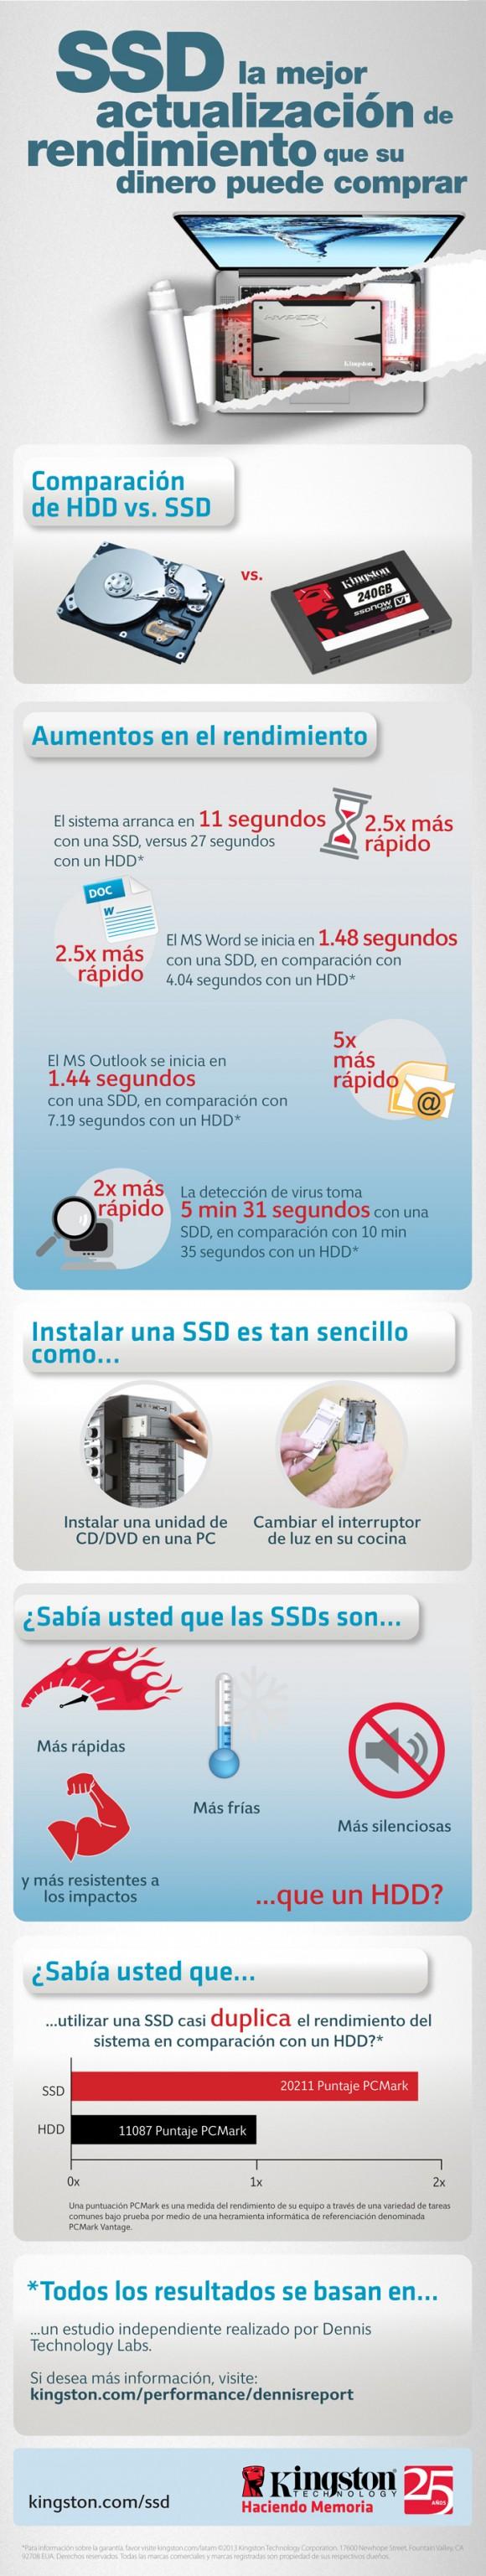 infografia_discos_ssd